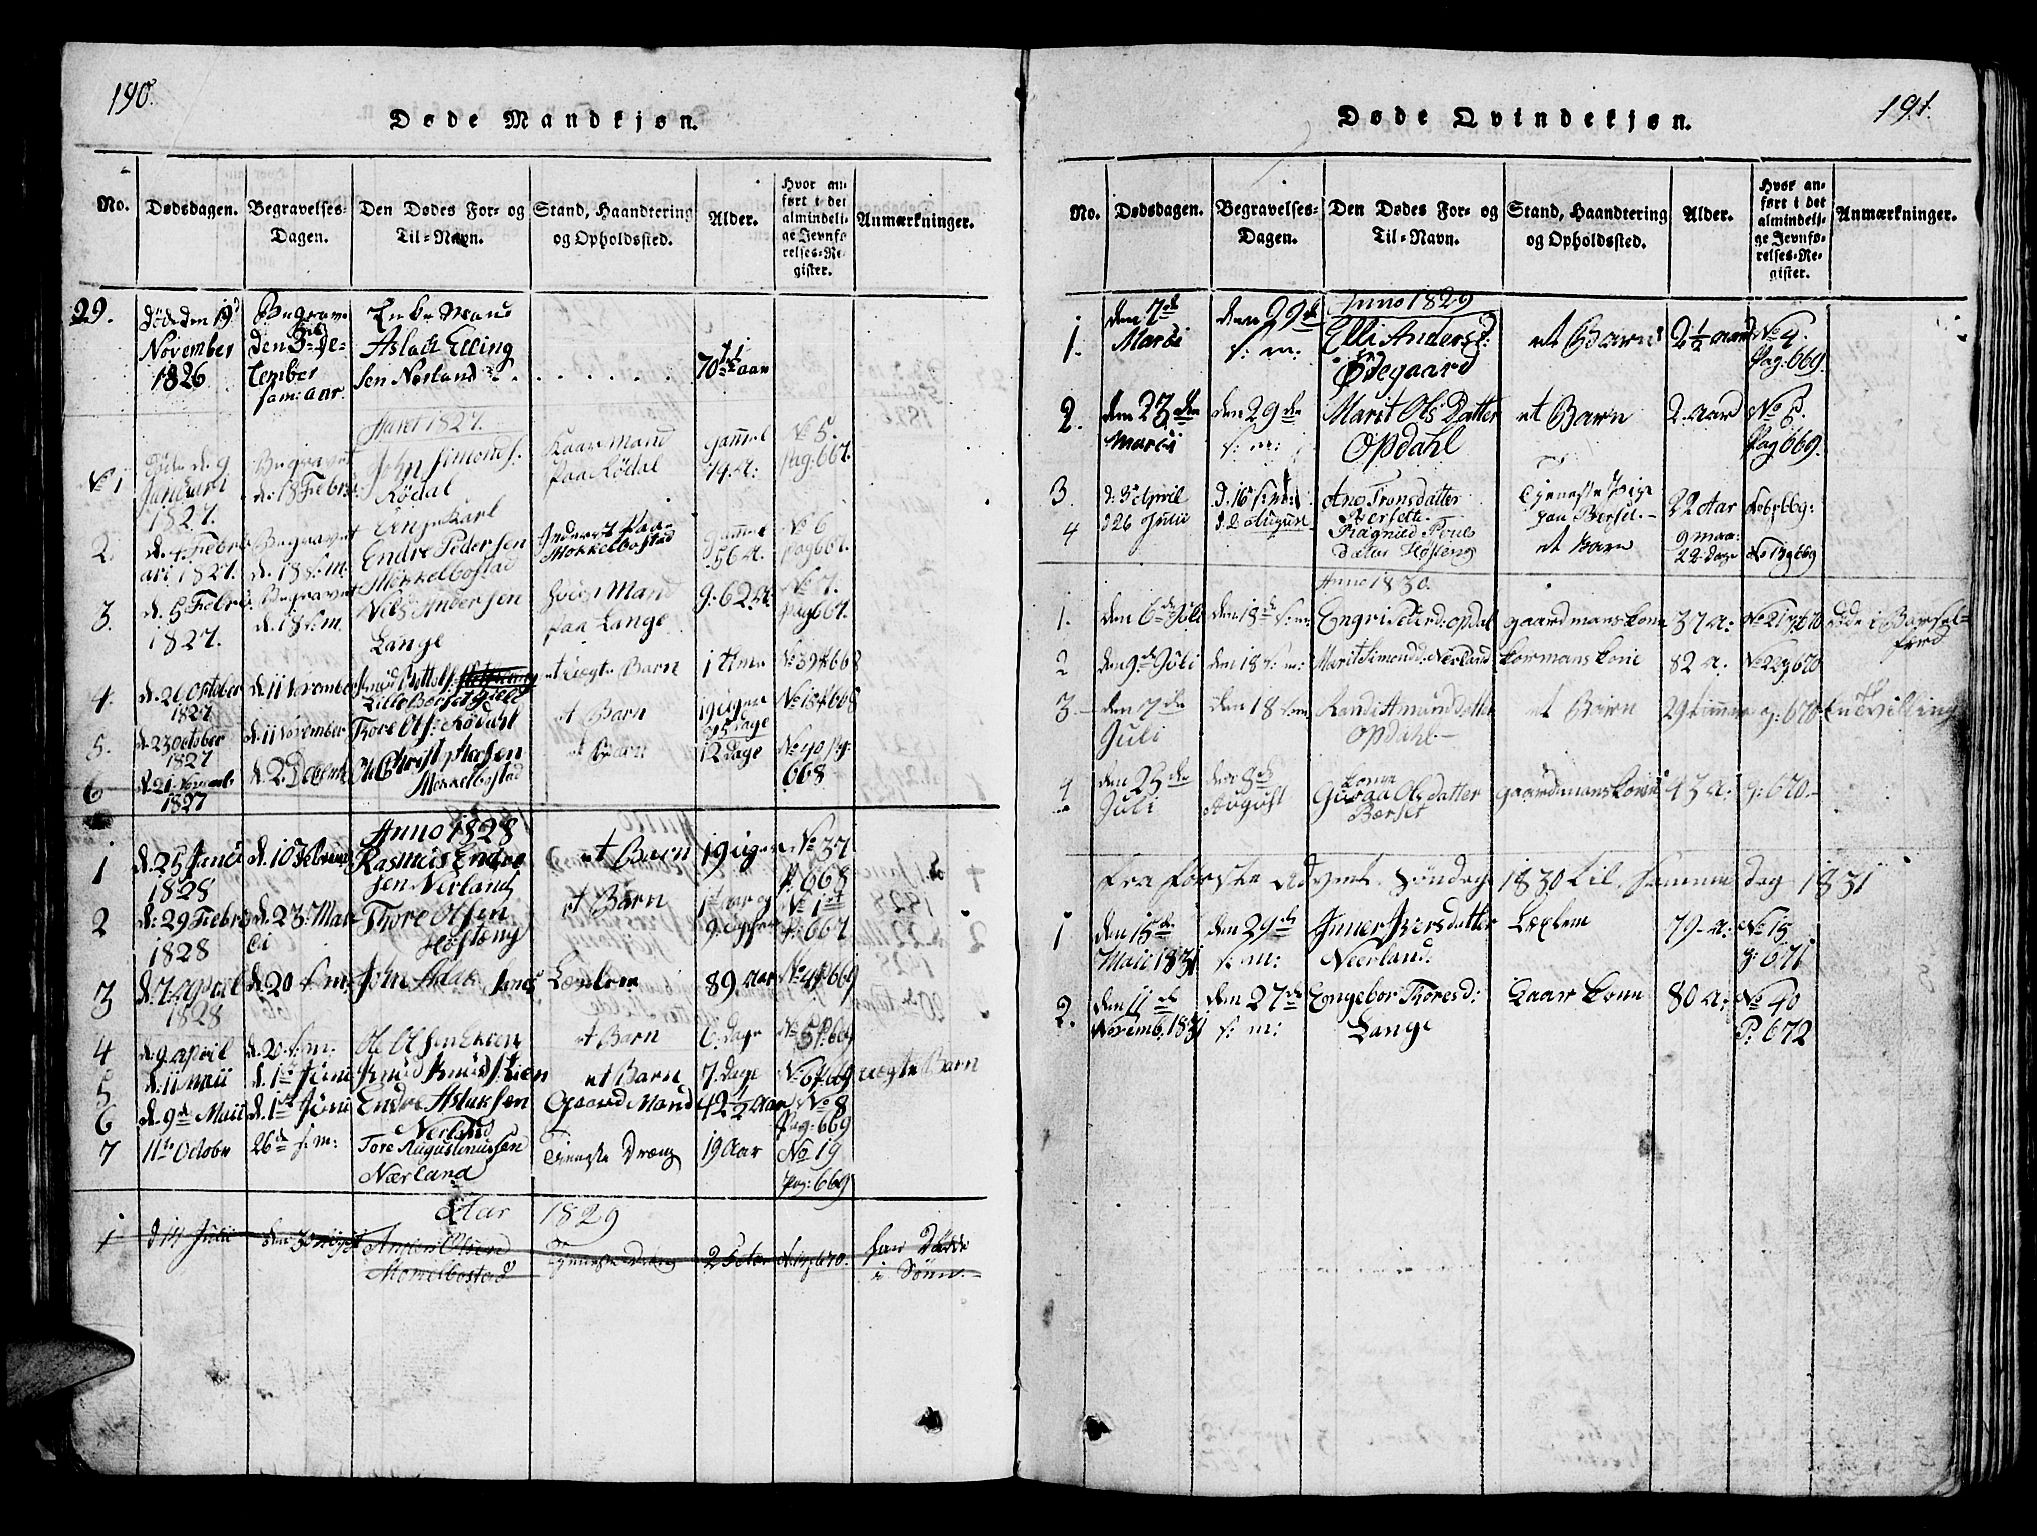 SAT, Ministerialprotokoller, klokkerbøker og fødselsregistre - Møre og Romsdal, 554/L0644: Klokkerbok nr. 554C01, 1818-1851, s. 190-191